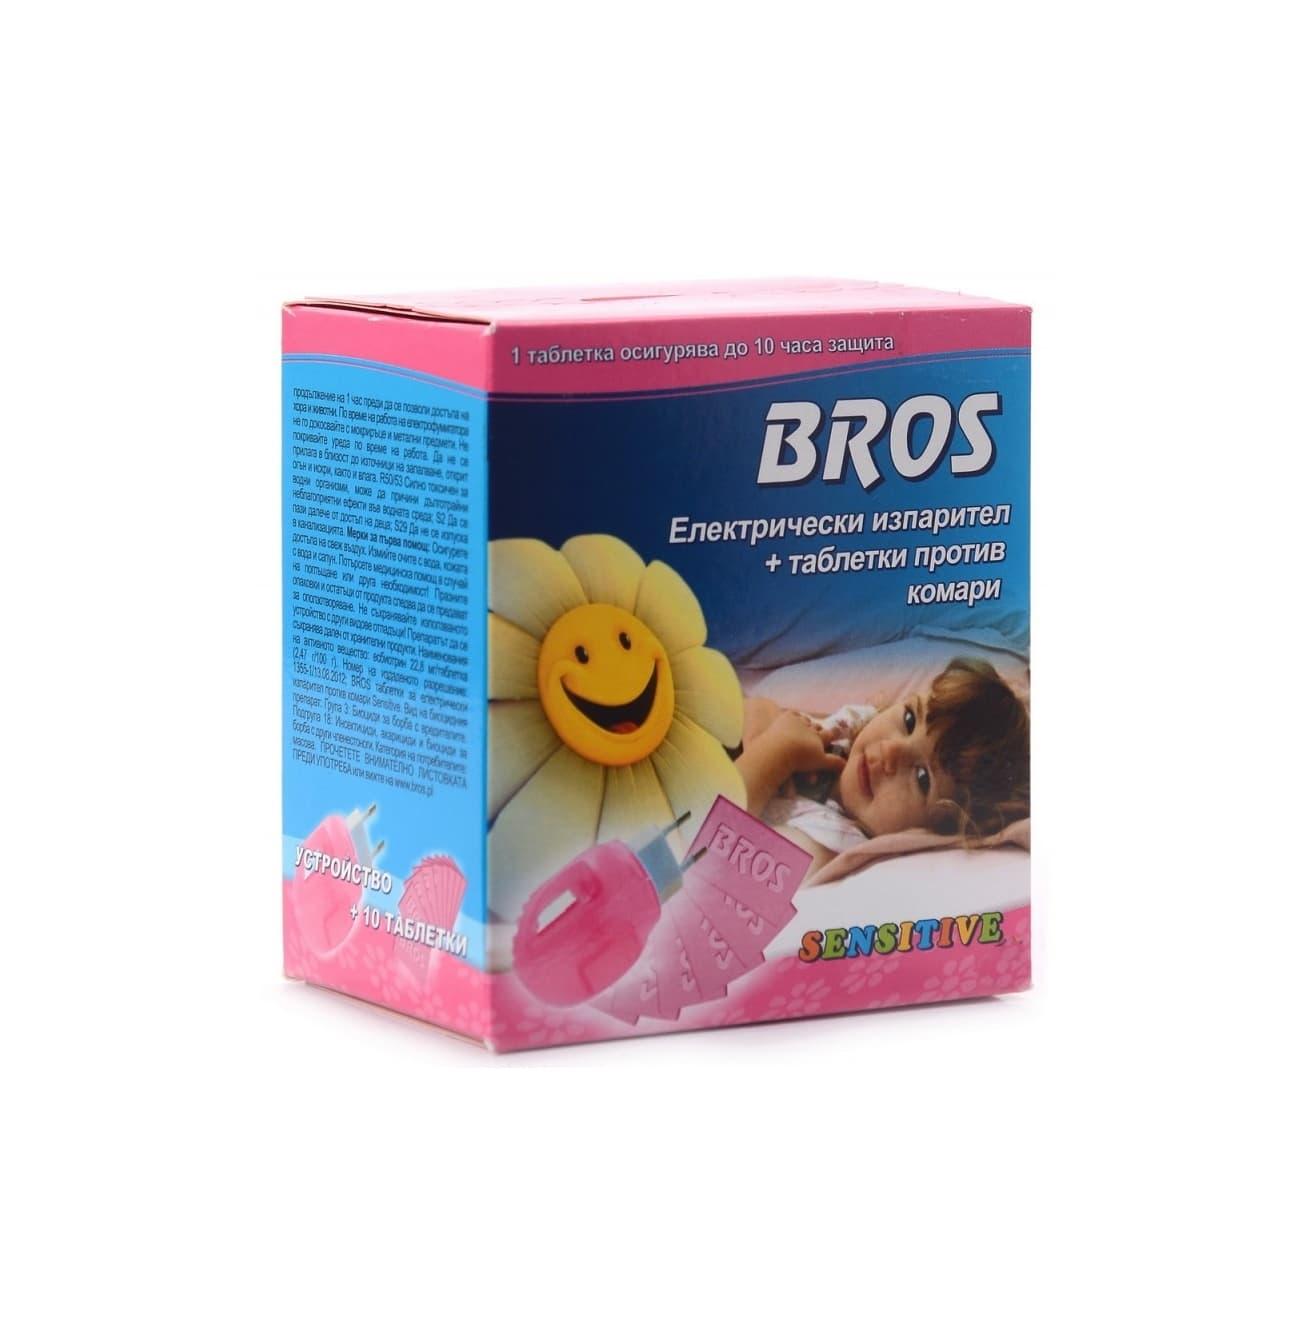 Bros-Електрически изпарител+таблетки против комари Sensitive